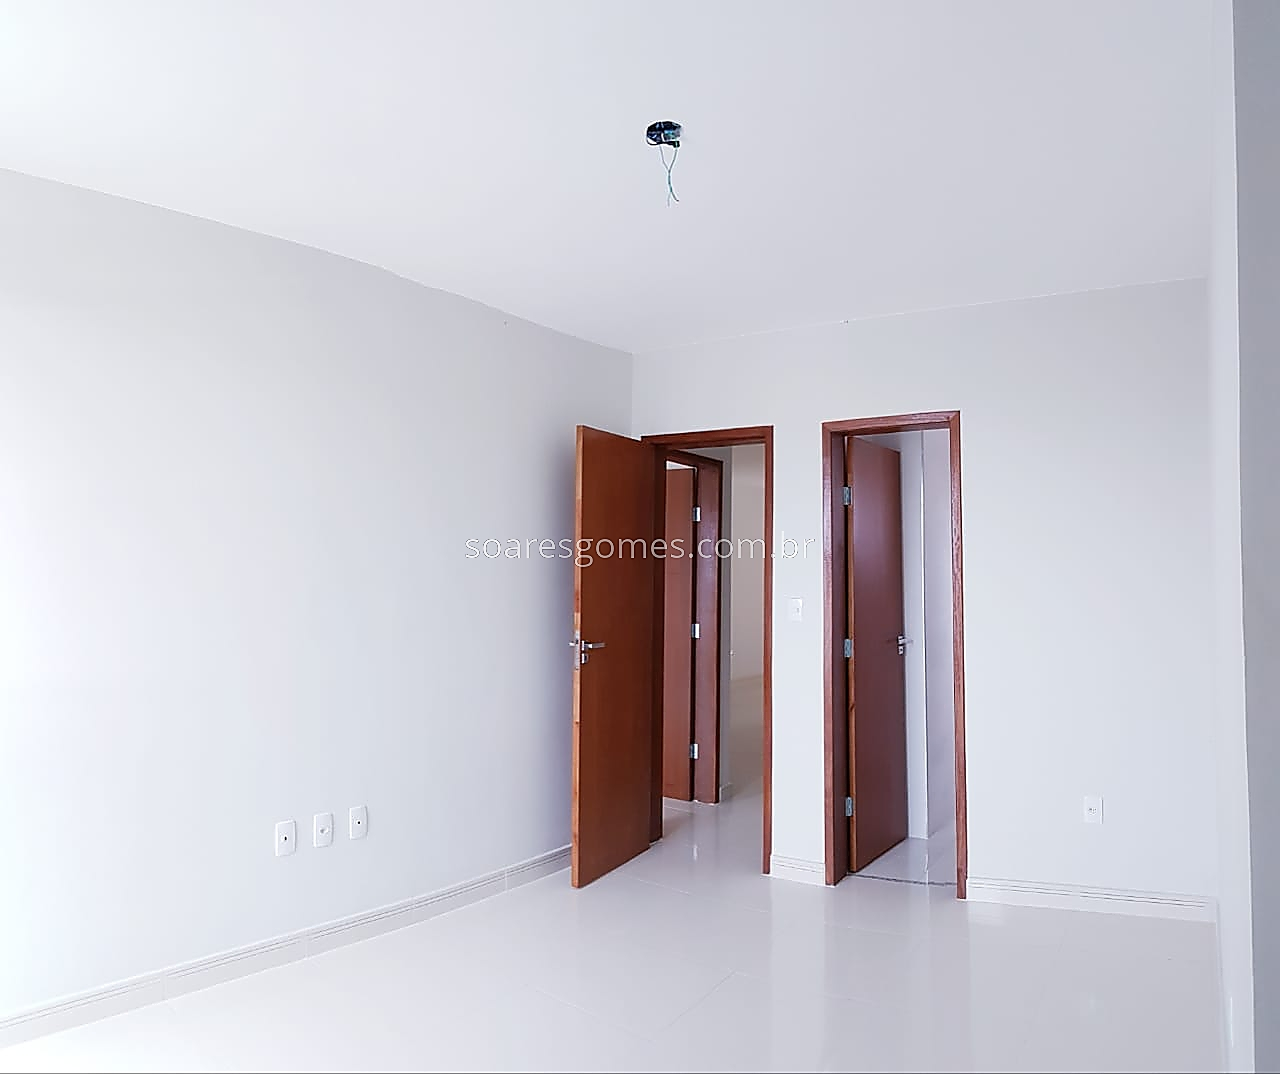 Apartamento à venda em Granbery, Juiz de Fora - MG - Foto 10